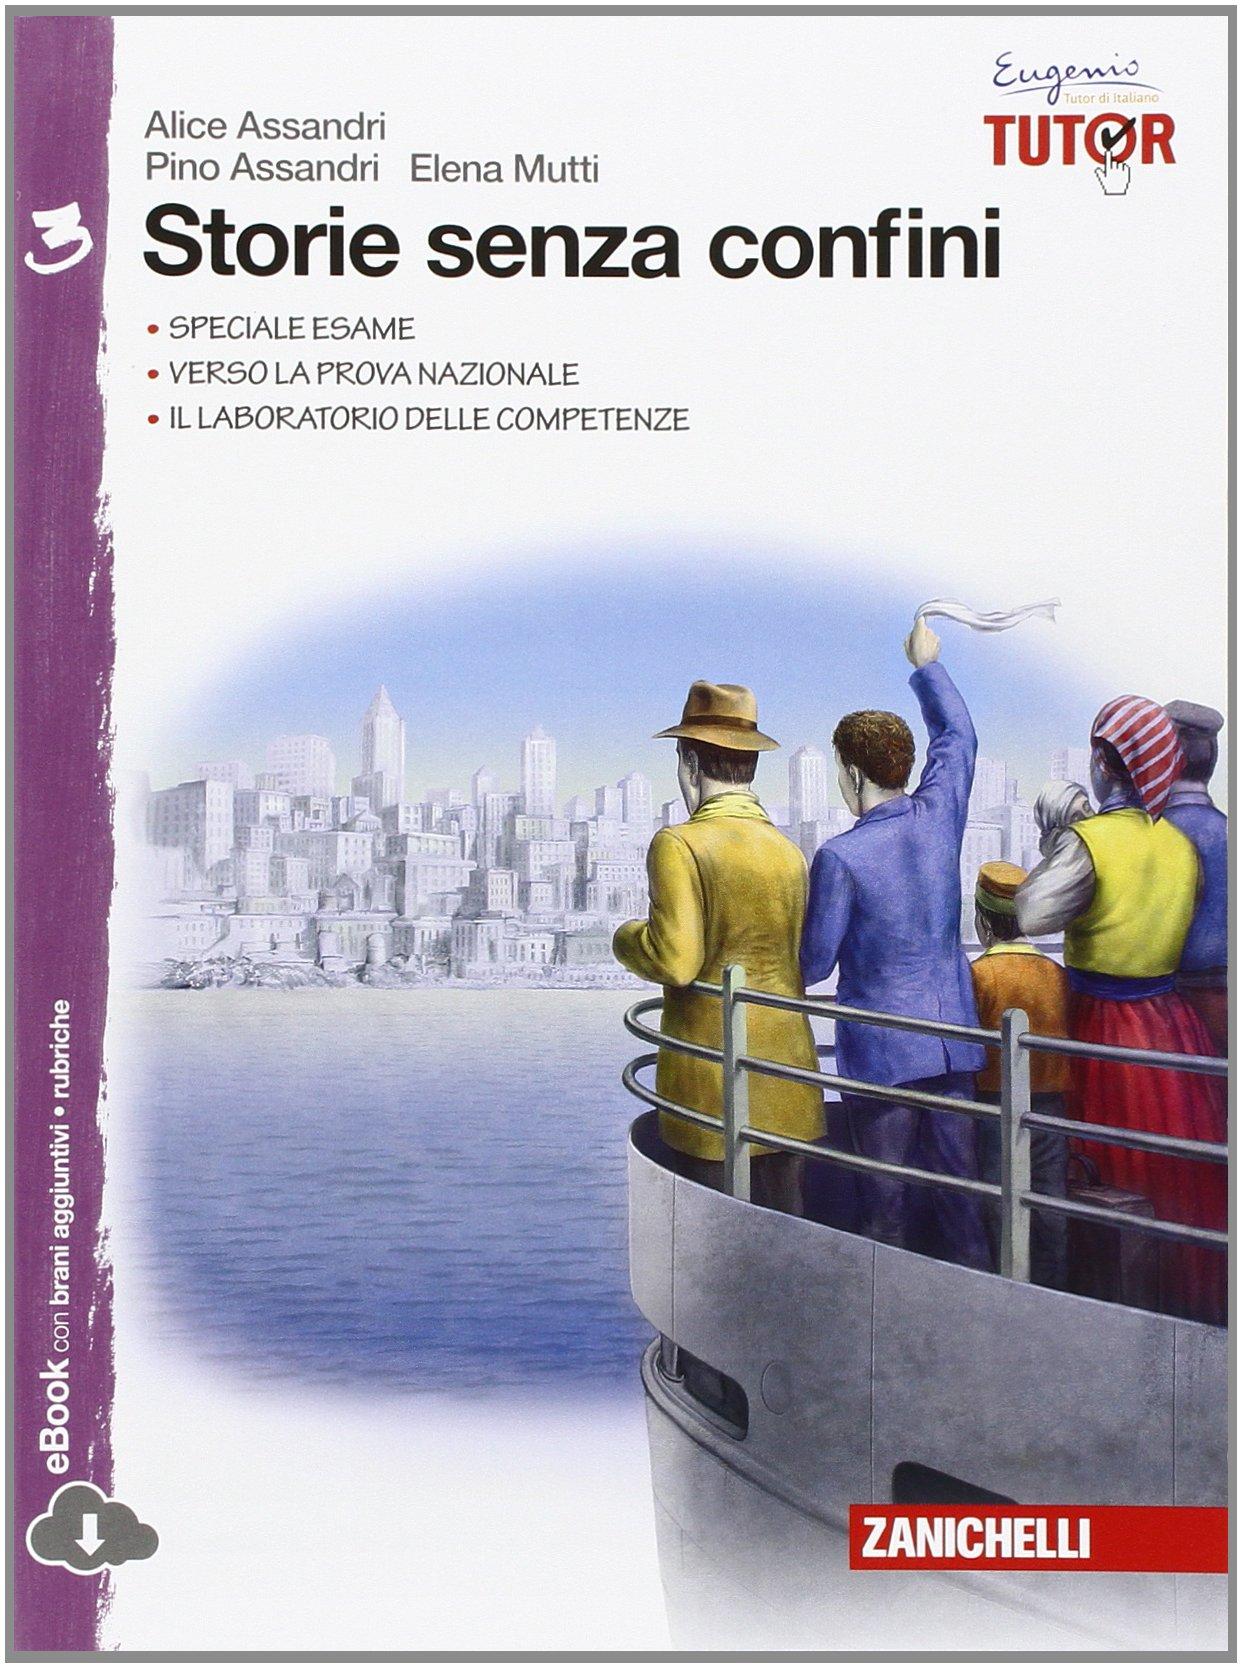 Storie senza confini 3, libro di storia per le medie